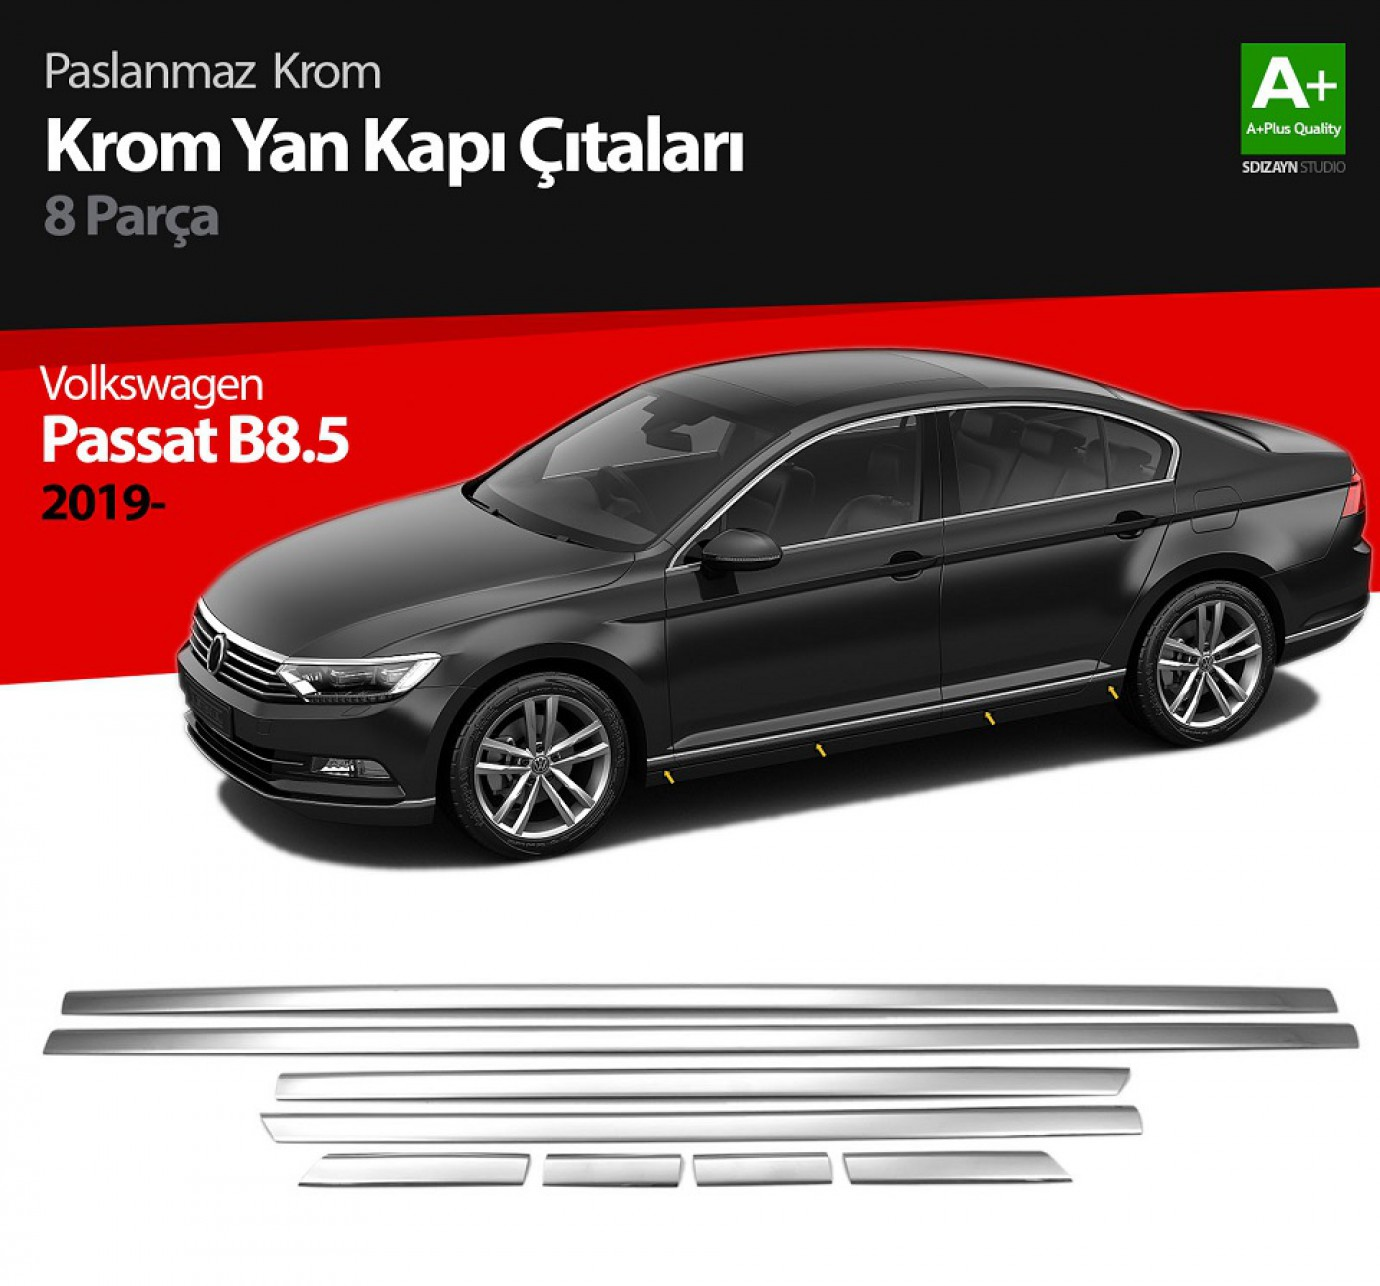 VW Passat B8.5 Krom Yan Kapı Çıtası 8 Parça 2019 ve Üzeri